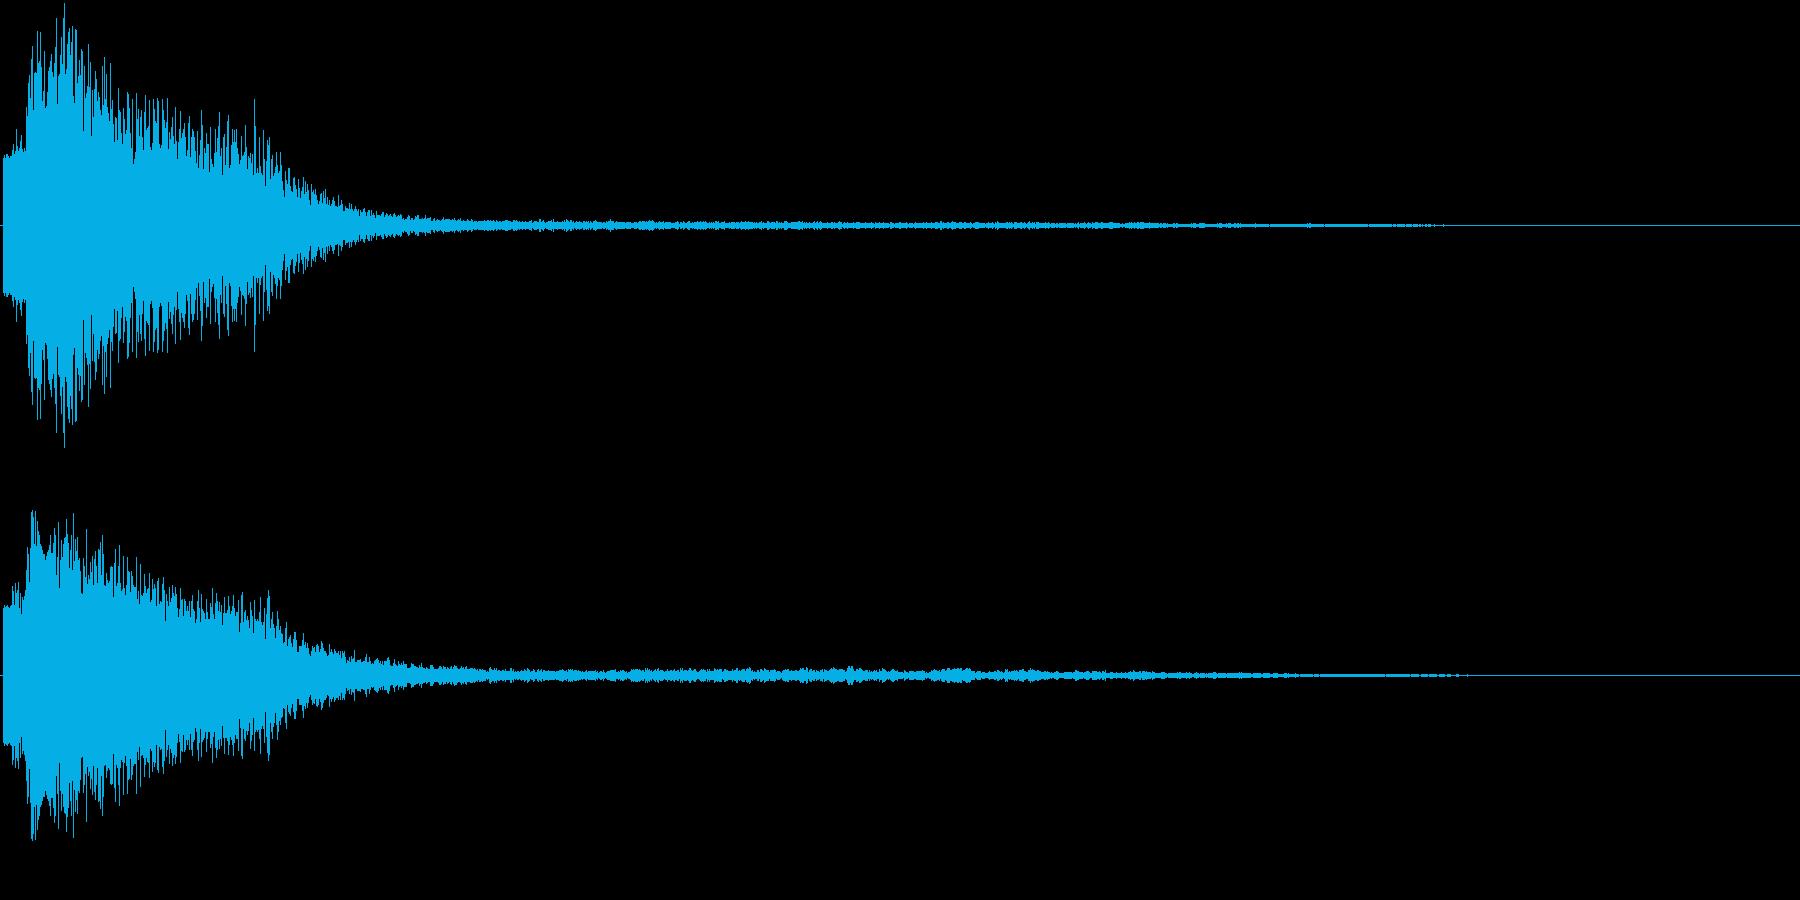 レーザービームの音の再生済みの波形